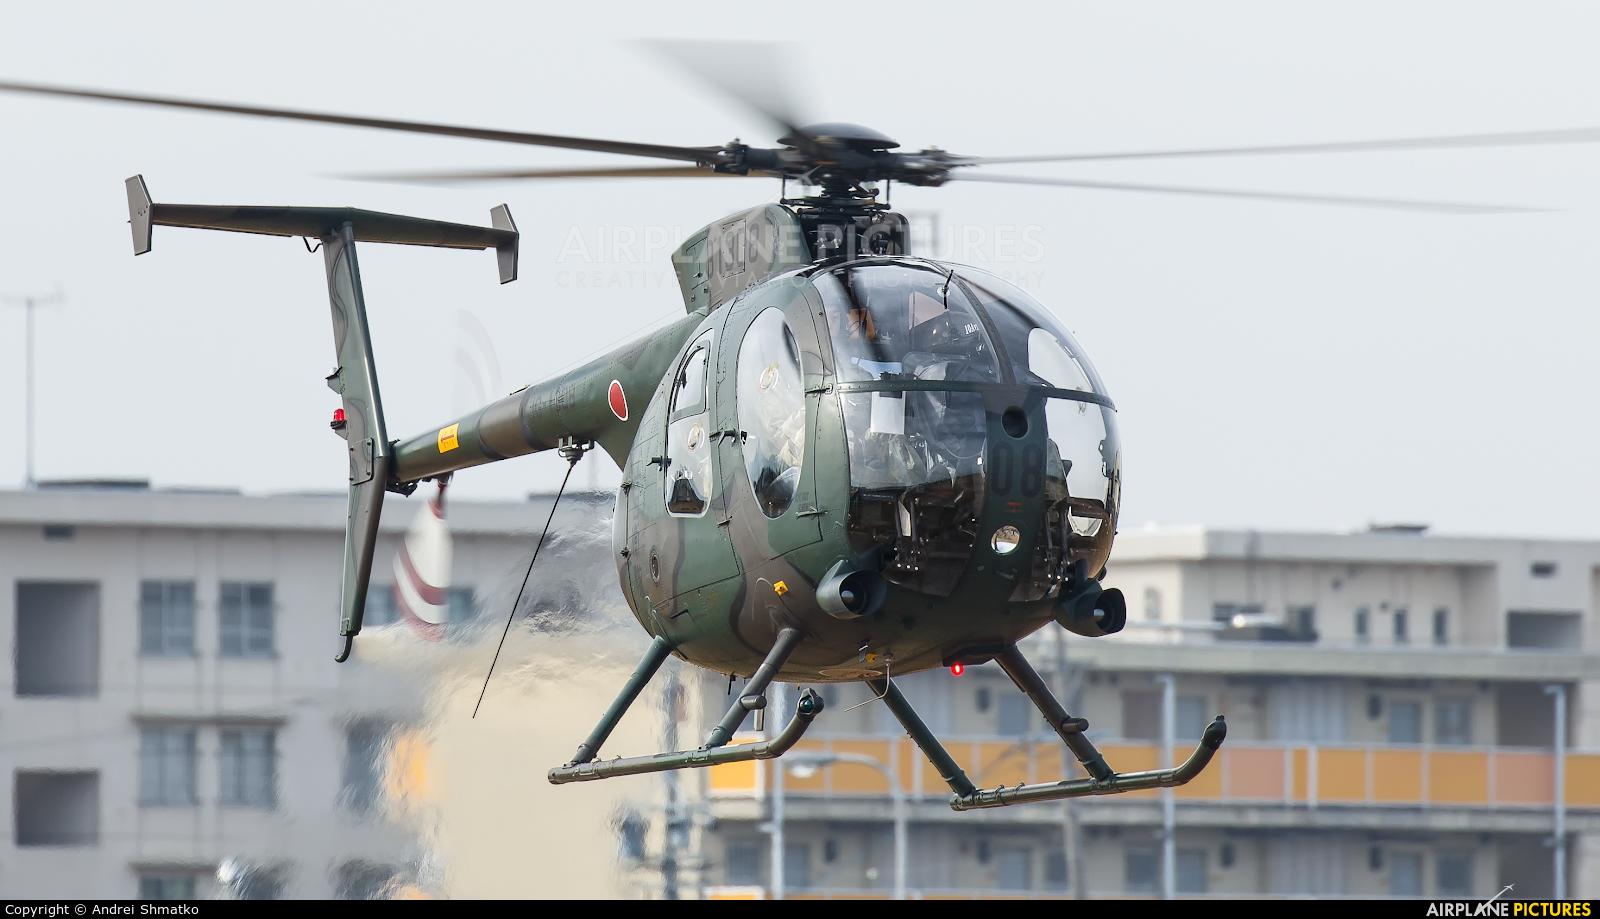 Japan - Ground Self Defense Force 31308 aircraft at Akeno Air Field